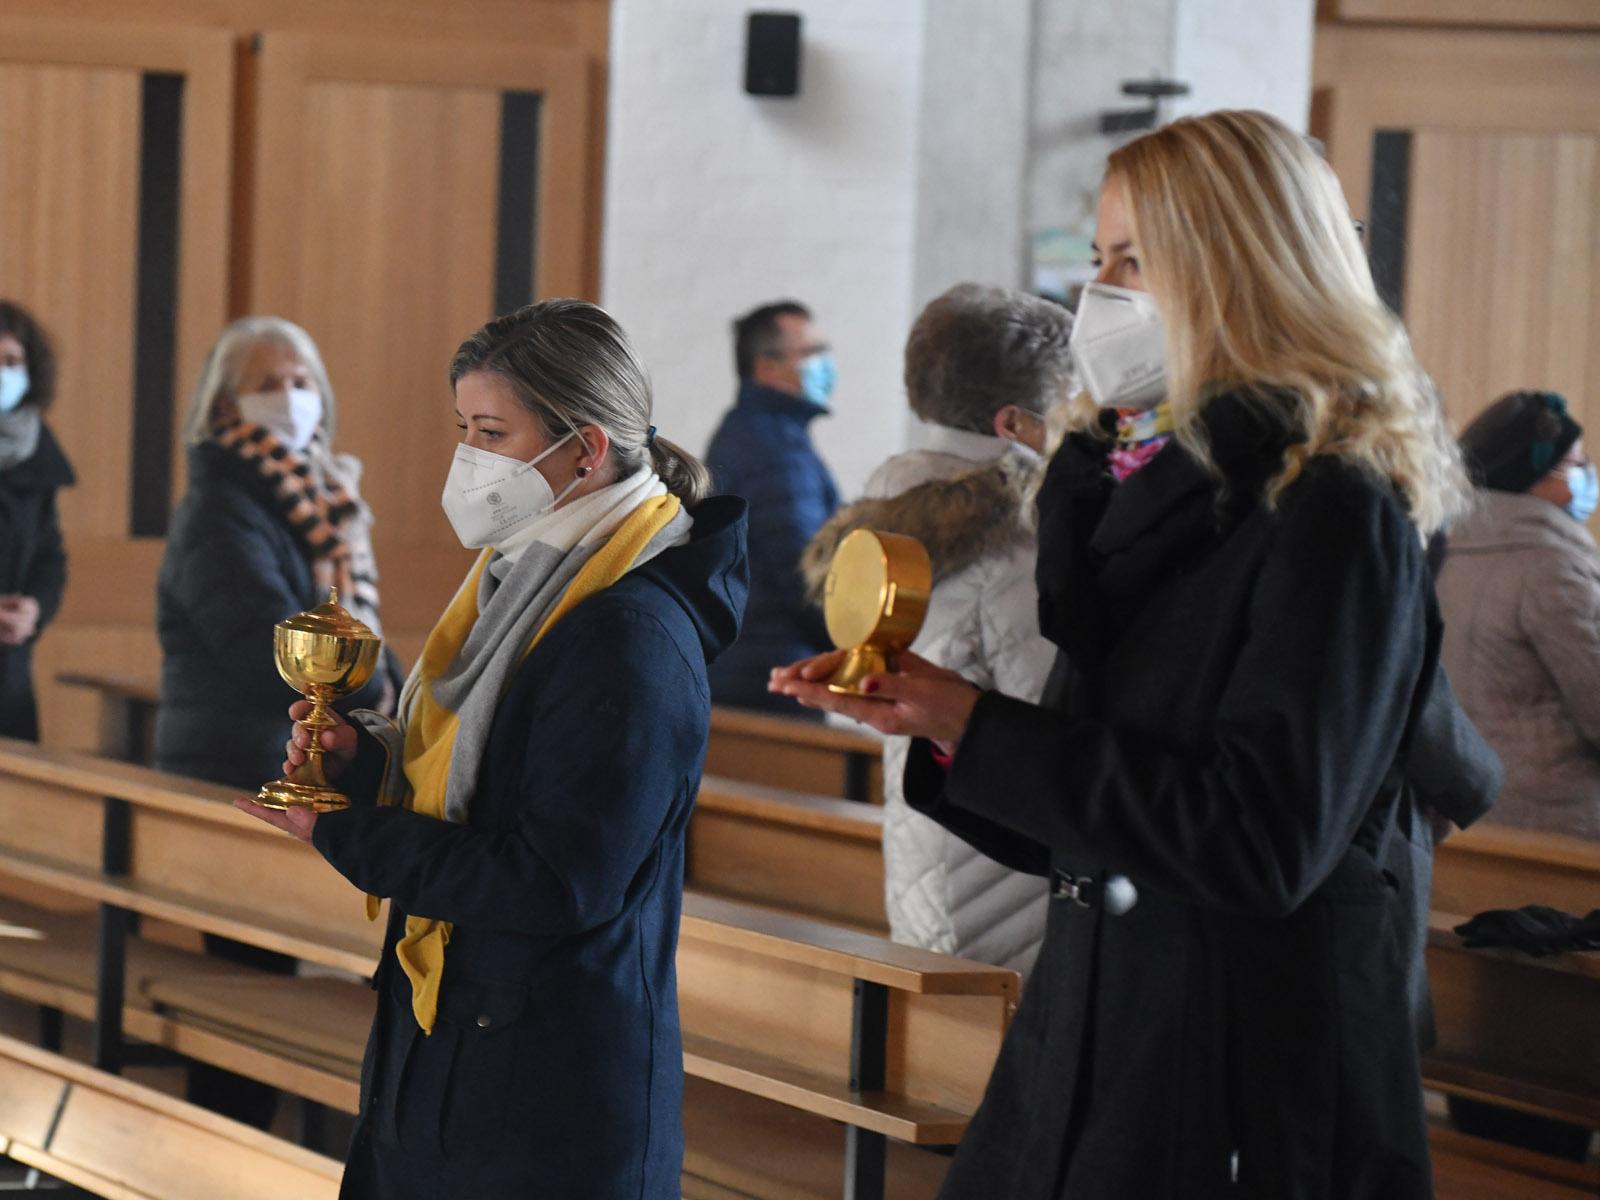 Das Allerheiligste wird in einer Prozession aus der Kirche gebracht (Foto: Julian Schmidt / pba)